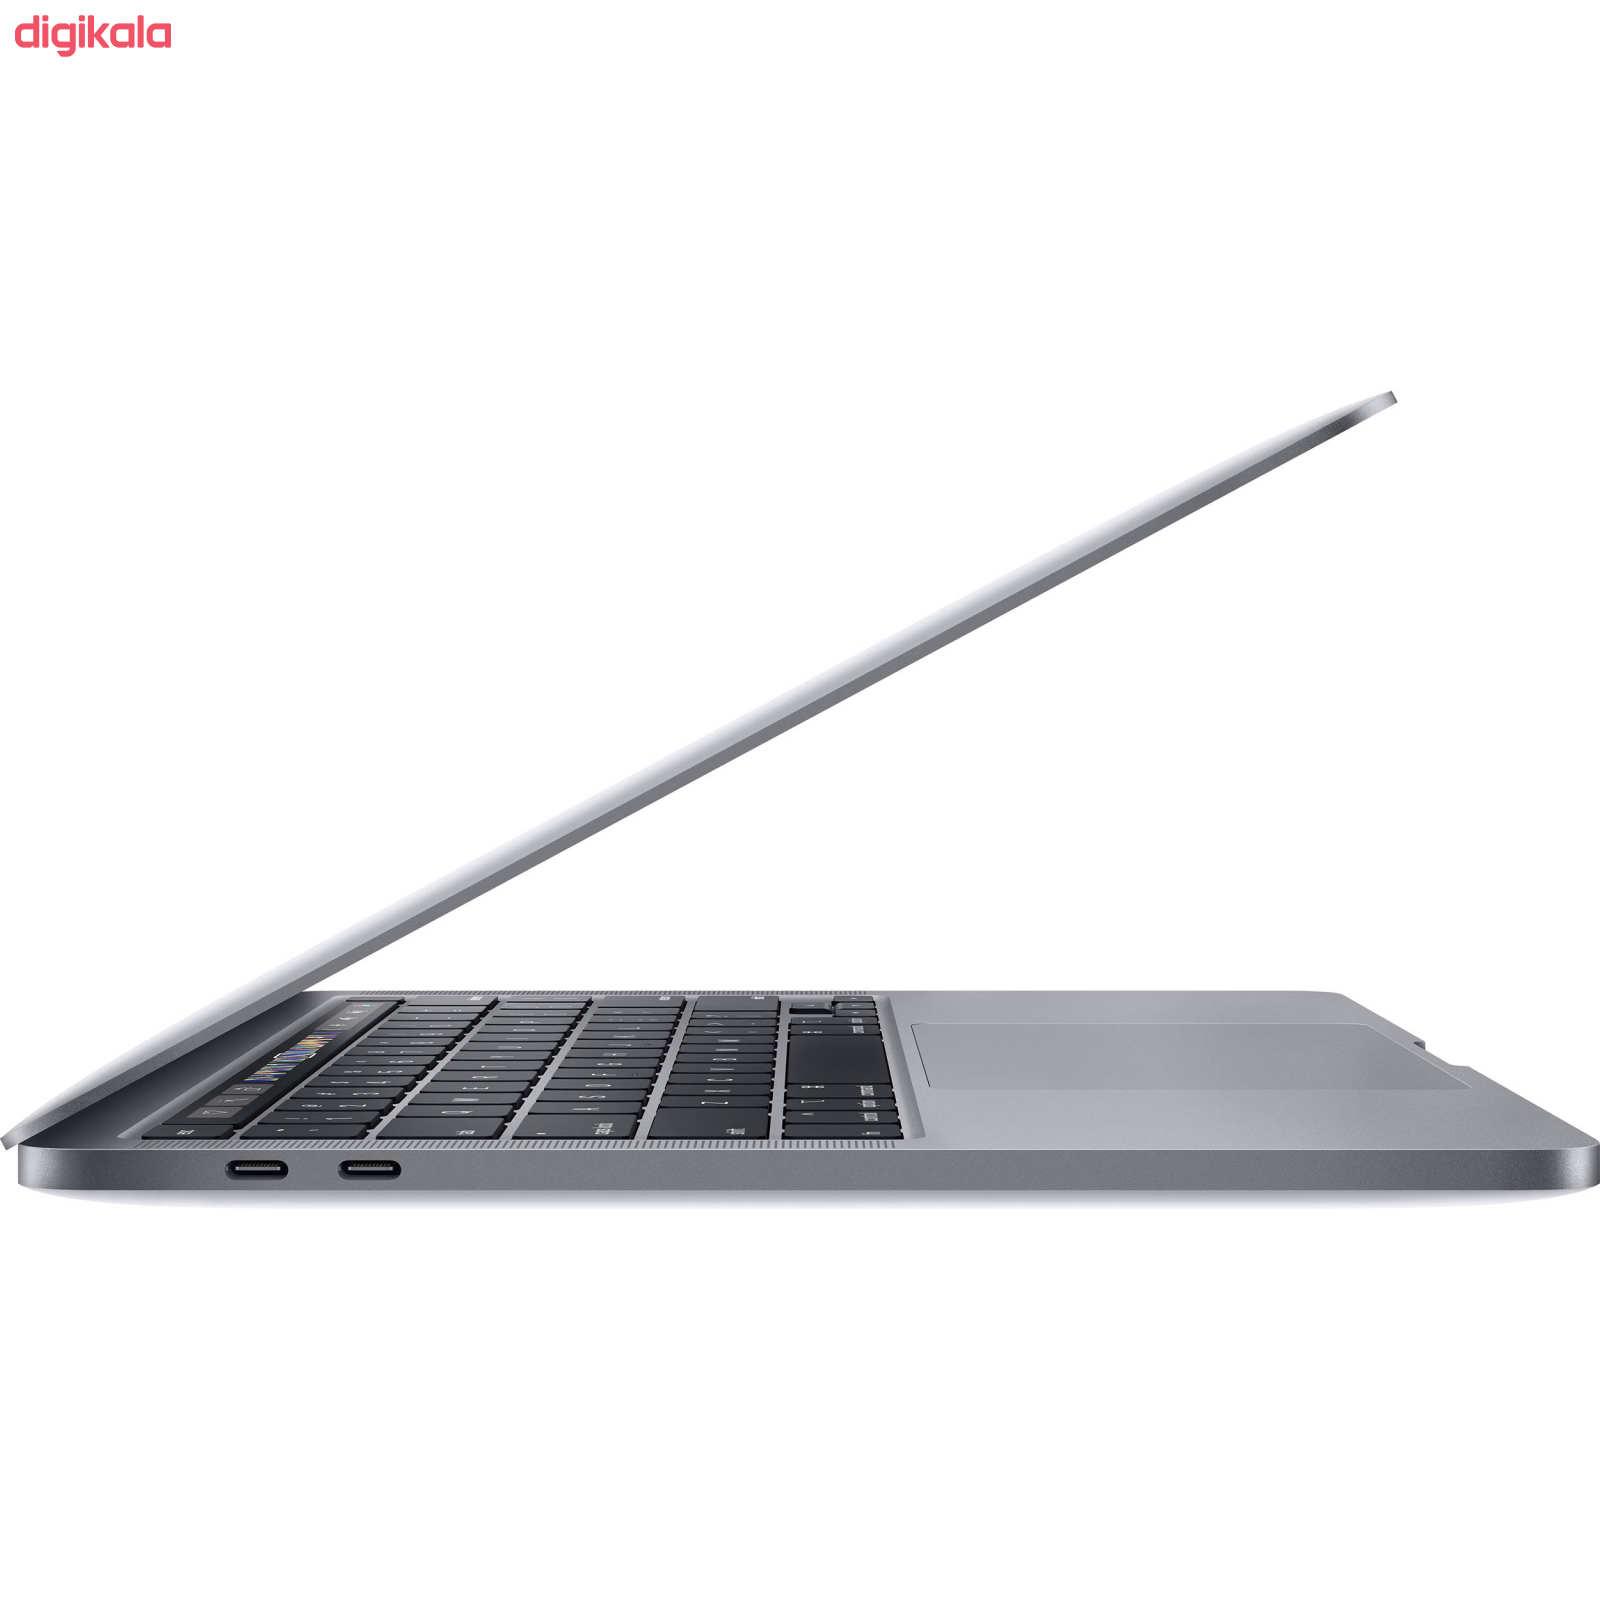 لپ تاپ 13 اینچی اپل مدل MacBook Pro MWP42 2020 همراه با تاچ بار  main 1 3